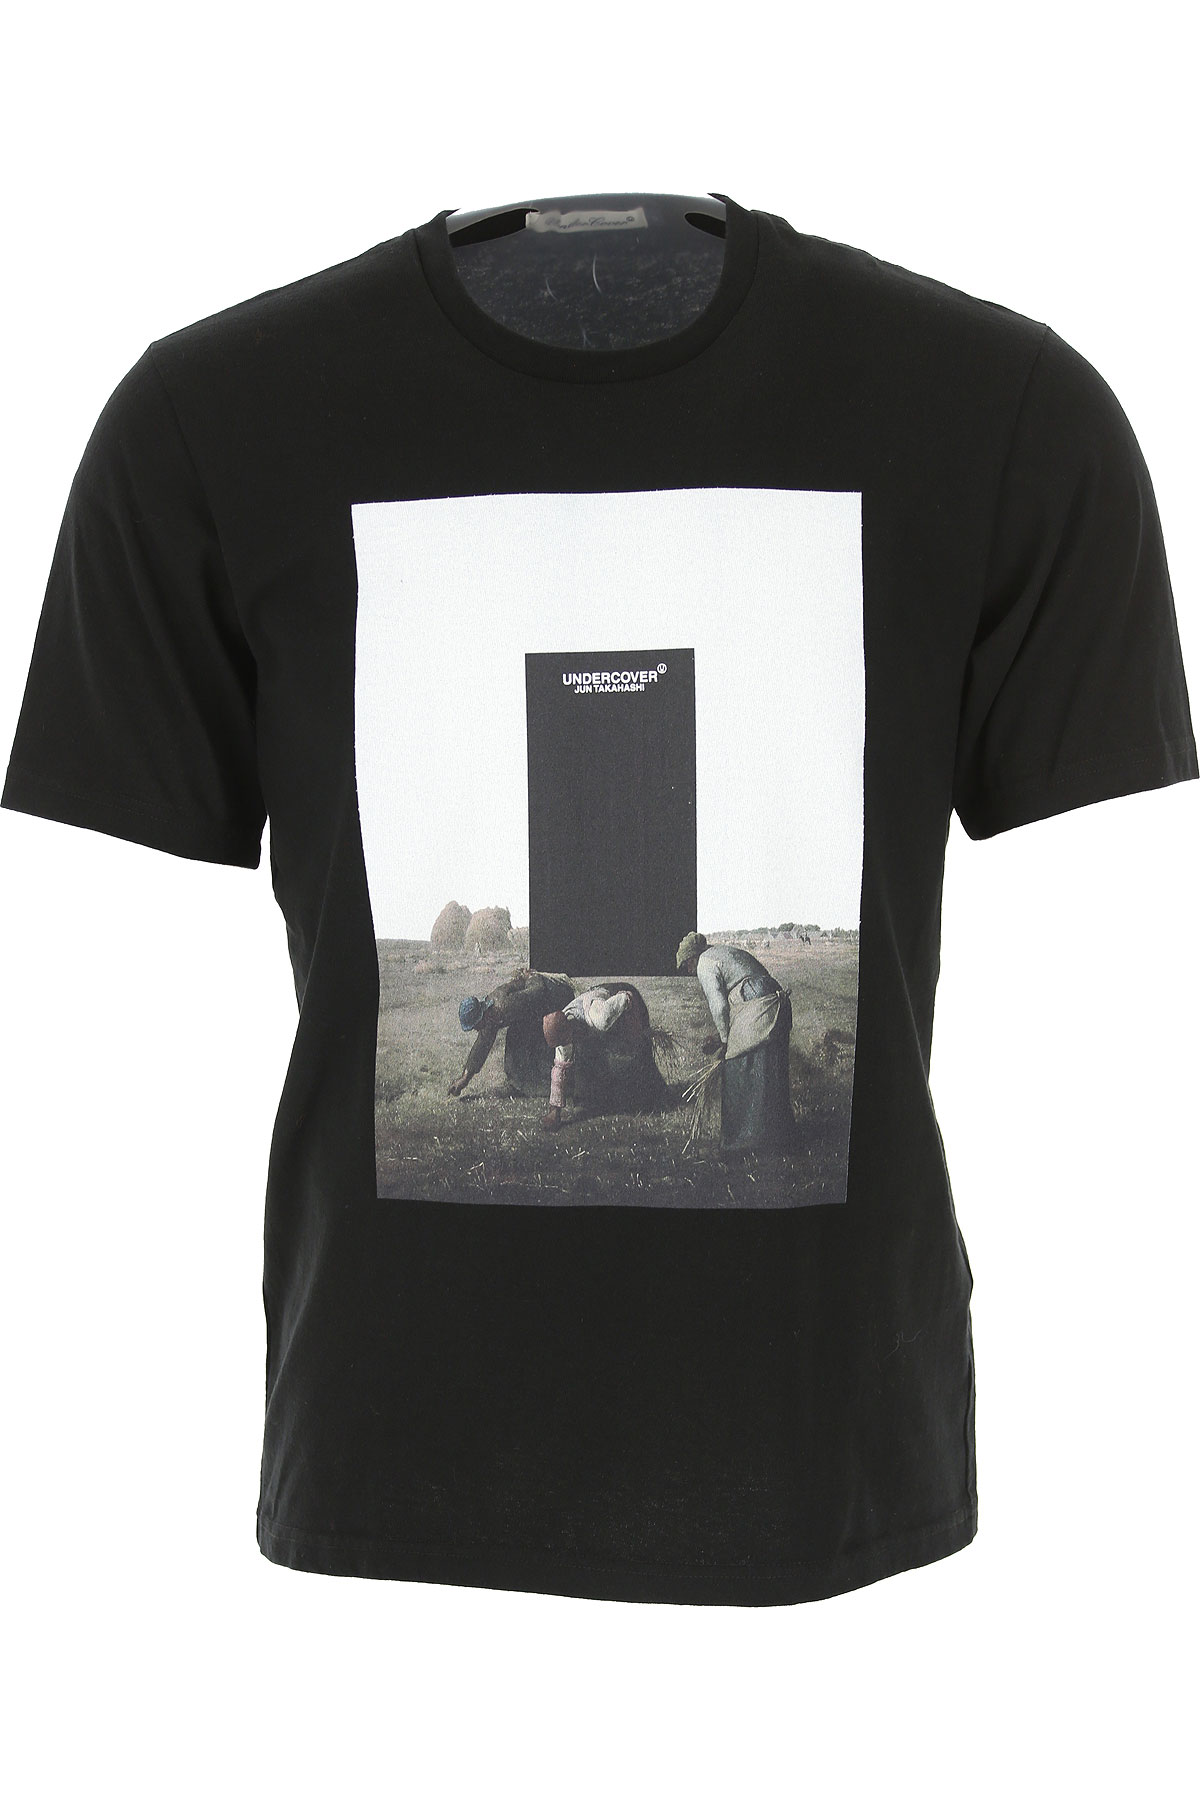 Image of Undercover T-Shirt for Men, Black, Cotton, 2017, L M S